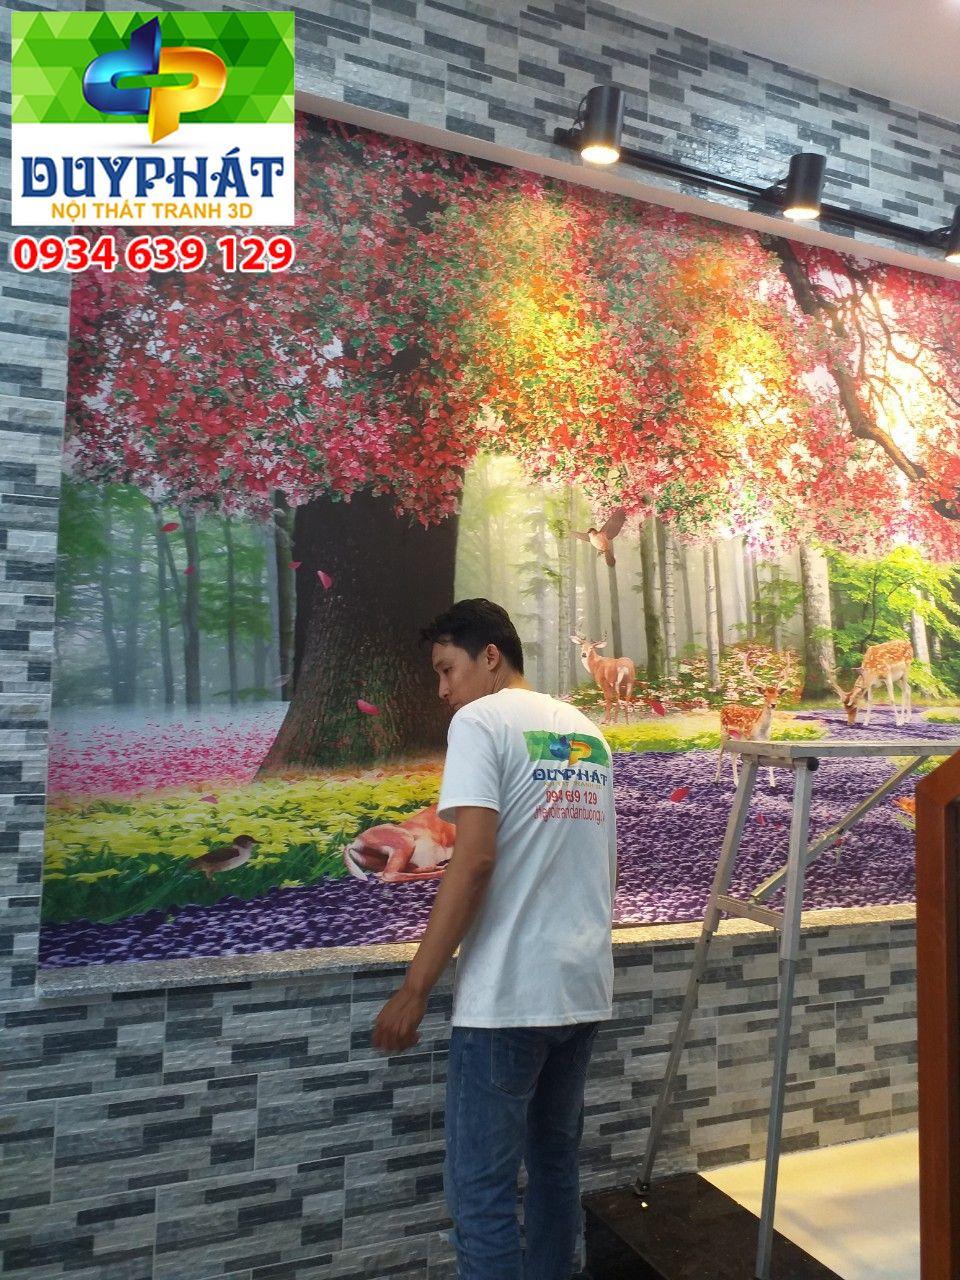 Thi công tranh dán tường nhà chị Ngọc quận 3